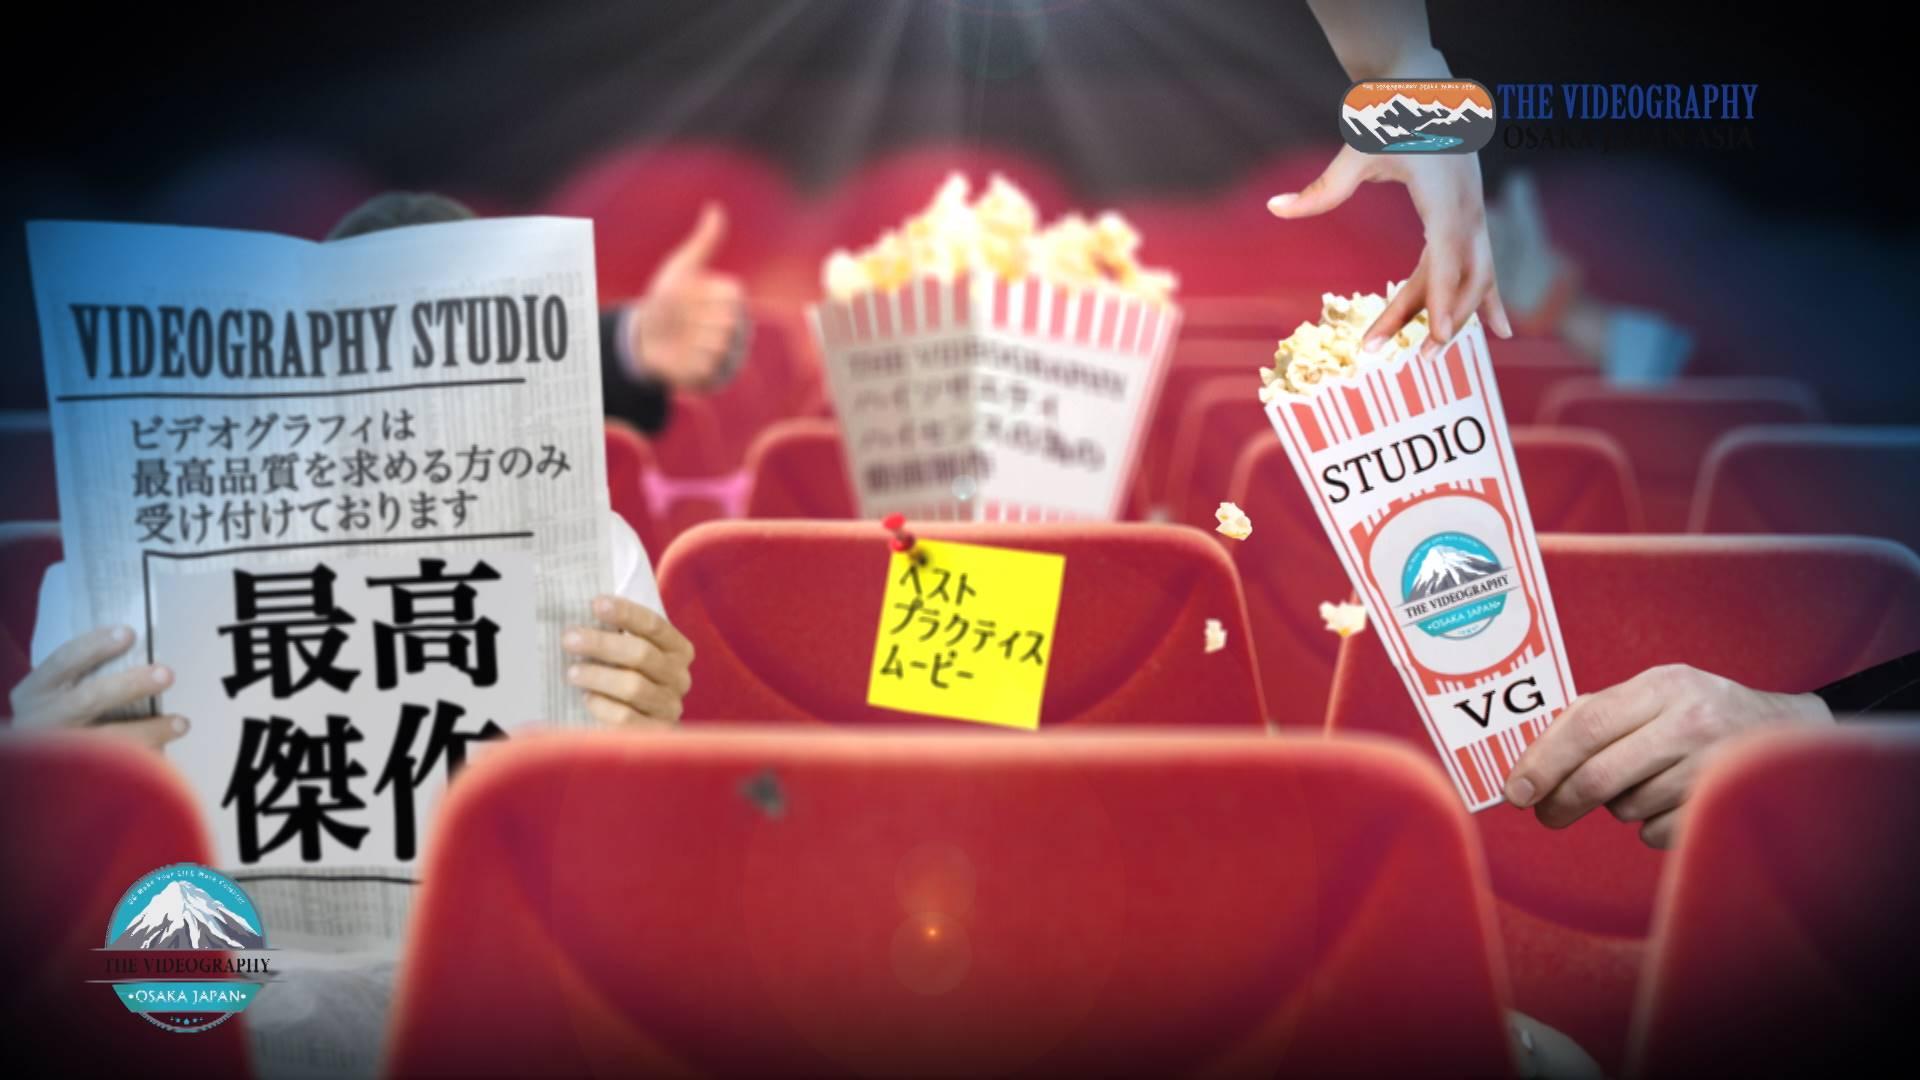 ピアノ演奏会 音楽会のDVD動画撮影 映像編集 記念DVD制作 プロモーションビデオ制作